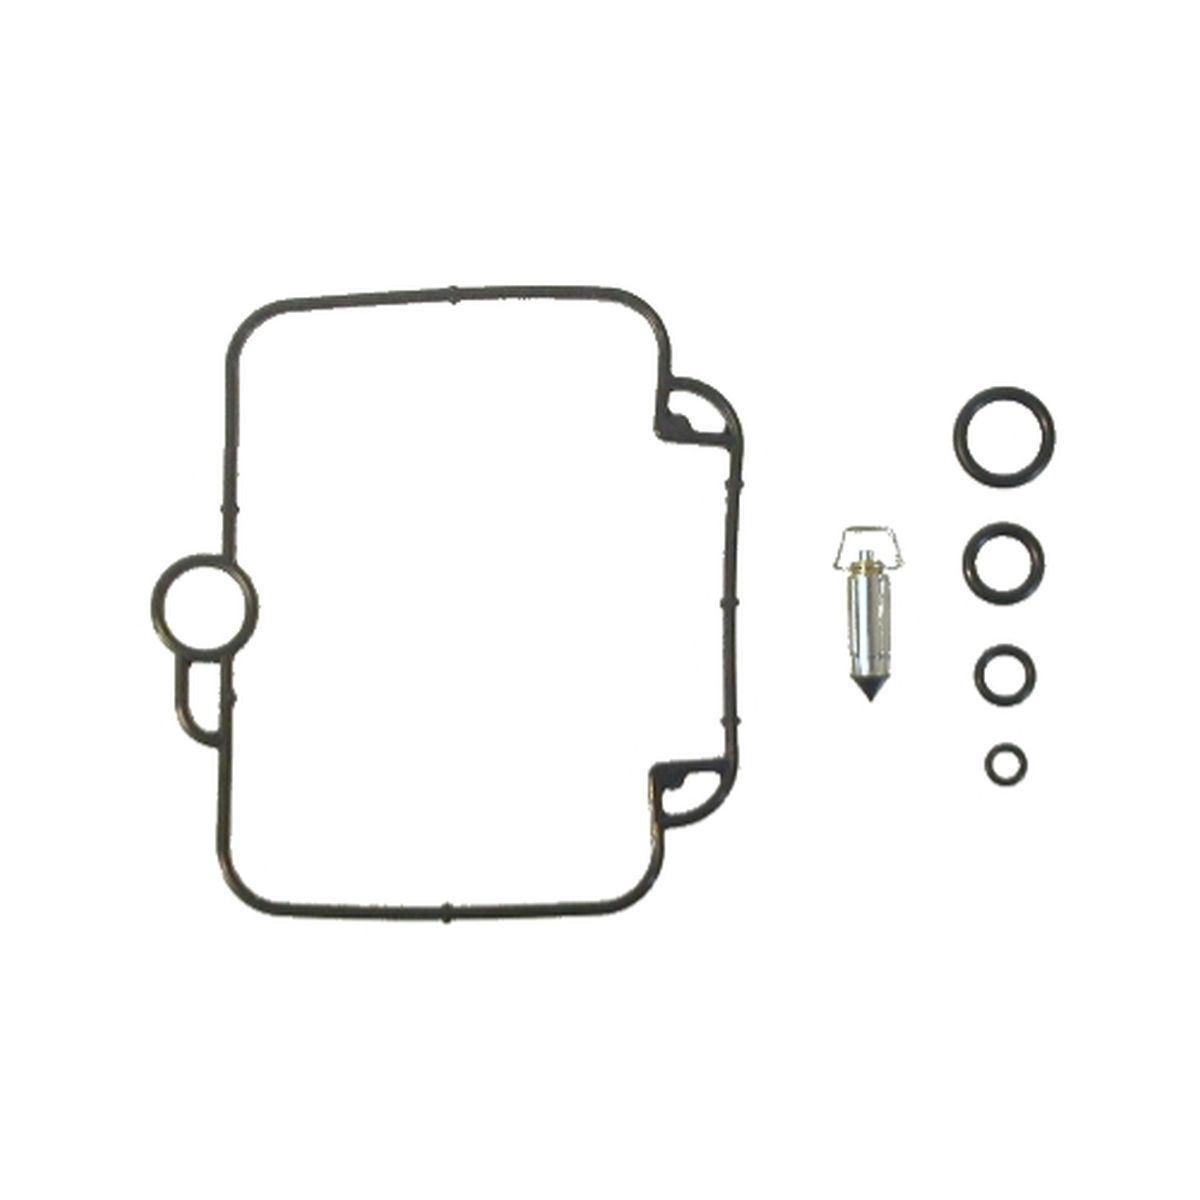 Carb Repair Kit for 1988 Suzuki GSX-R 750 J (SACS